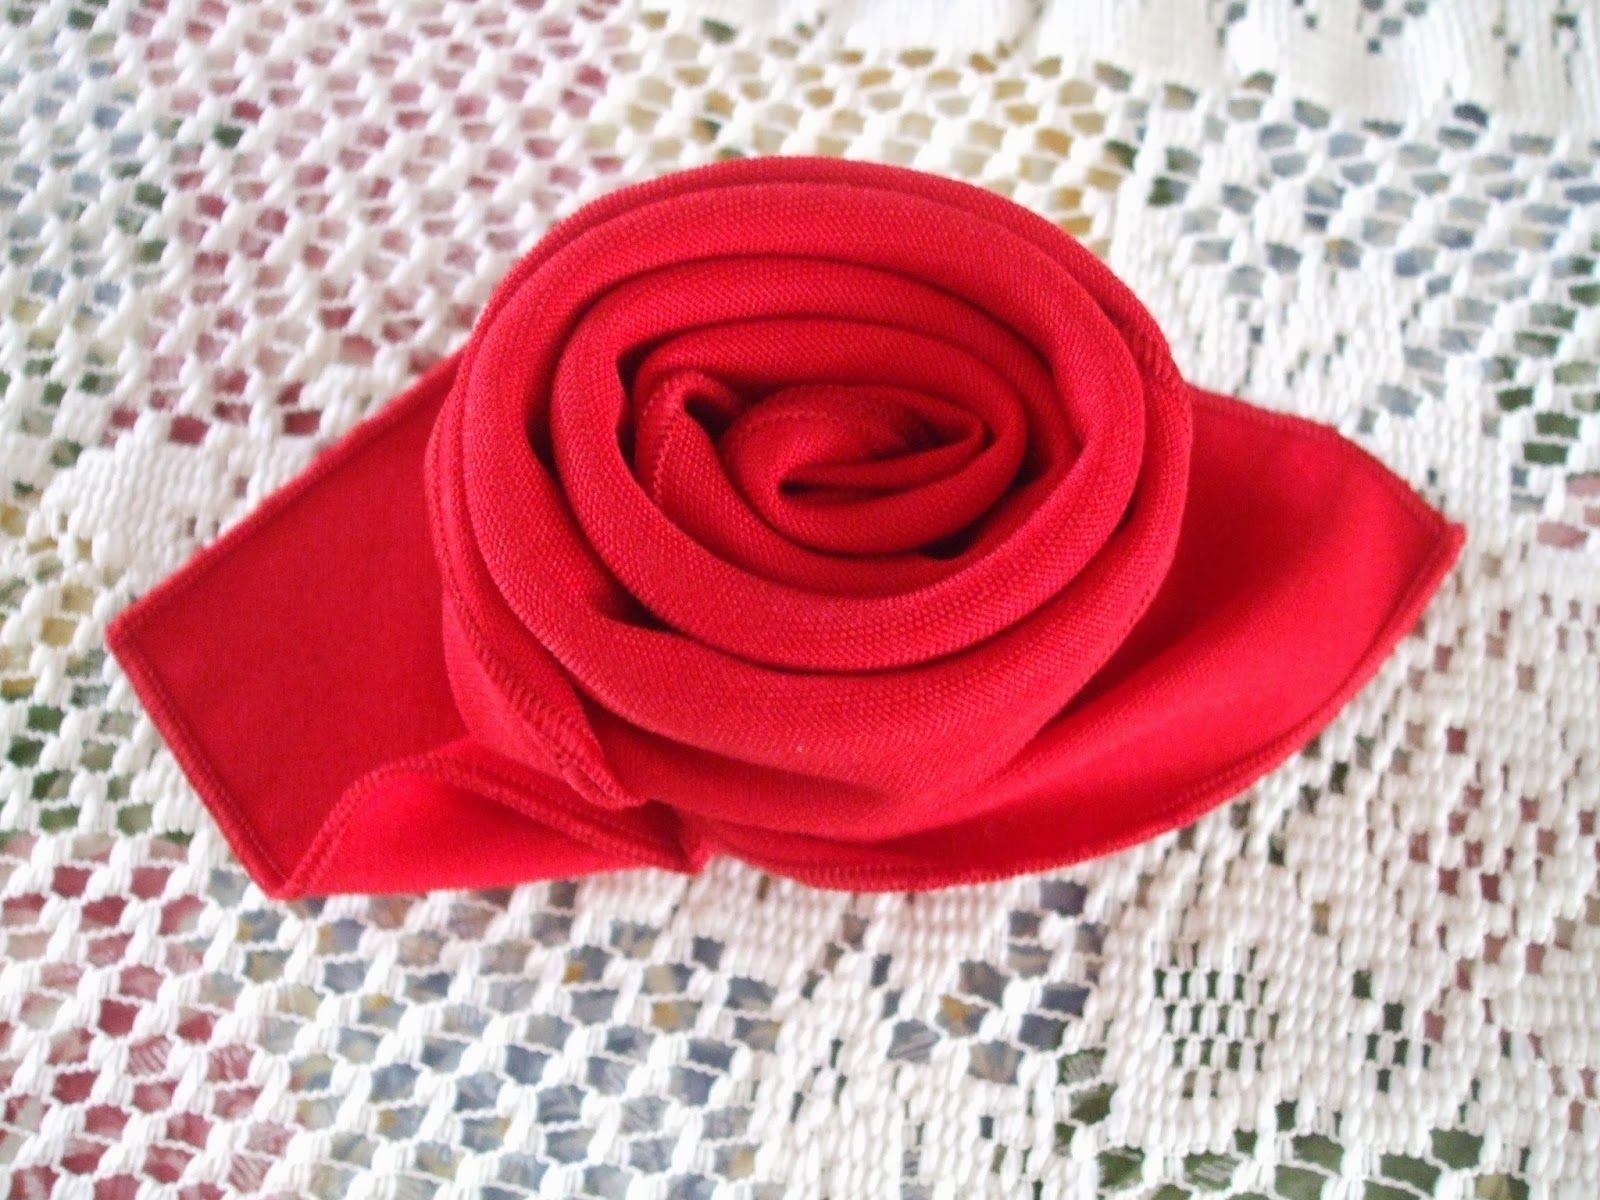 Rosemary S Sampler Napkin Folding A Rose Napkin Folding Napkin Folding Rose Cloth Napkin Folding